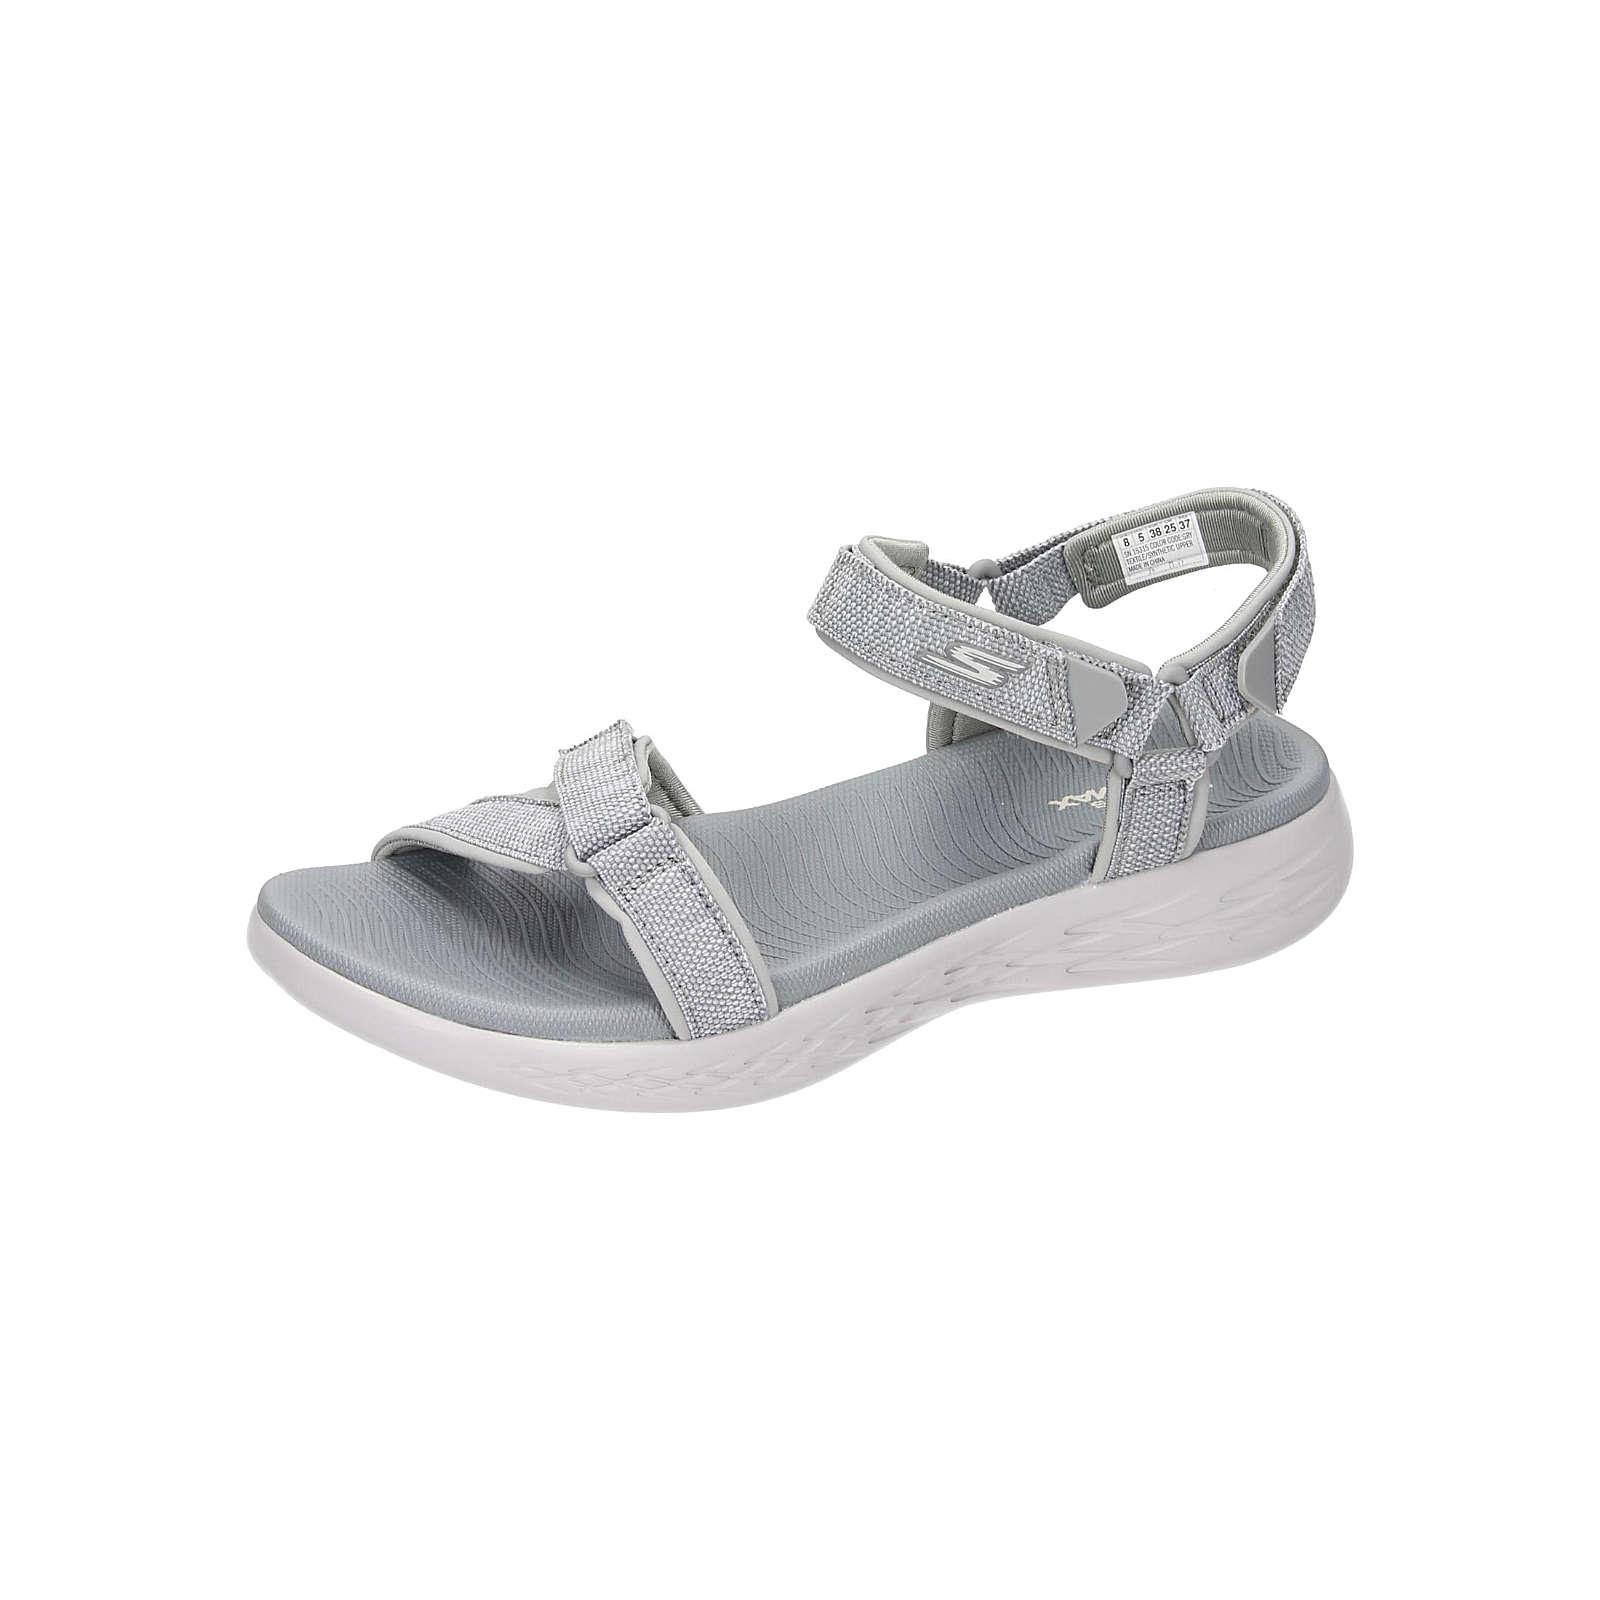 SKECHERS Damen Sandale Klassische Sandaletten grau Damen Gr. 37